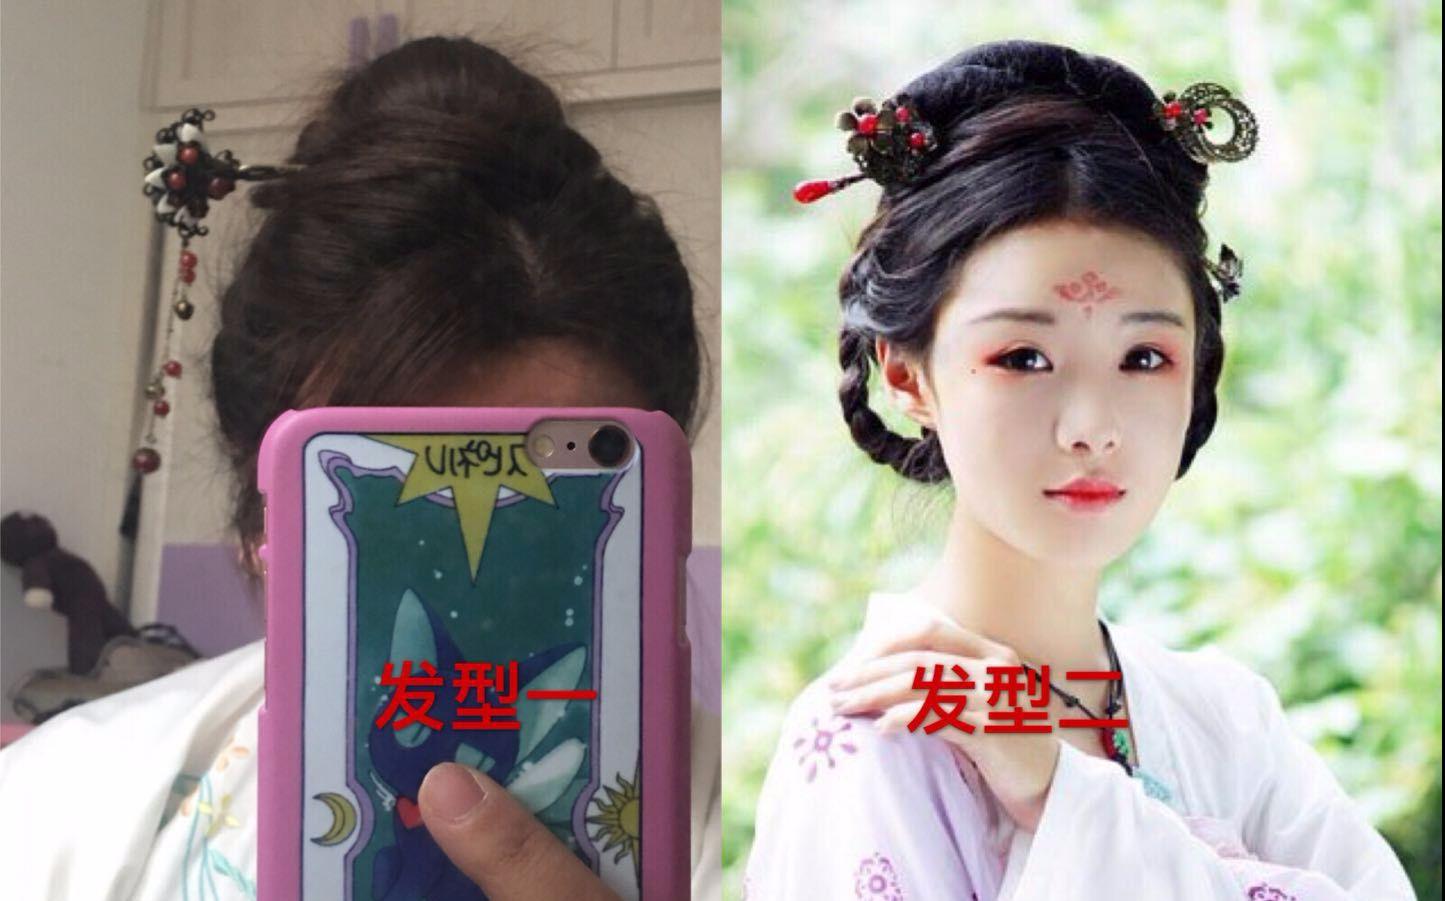 【胖仙女汉服发型教程】2款教程,不用发包,一款短发,一款长发图片